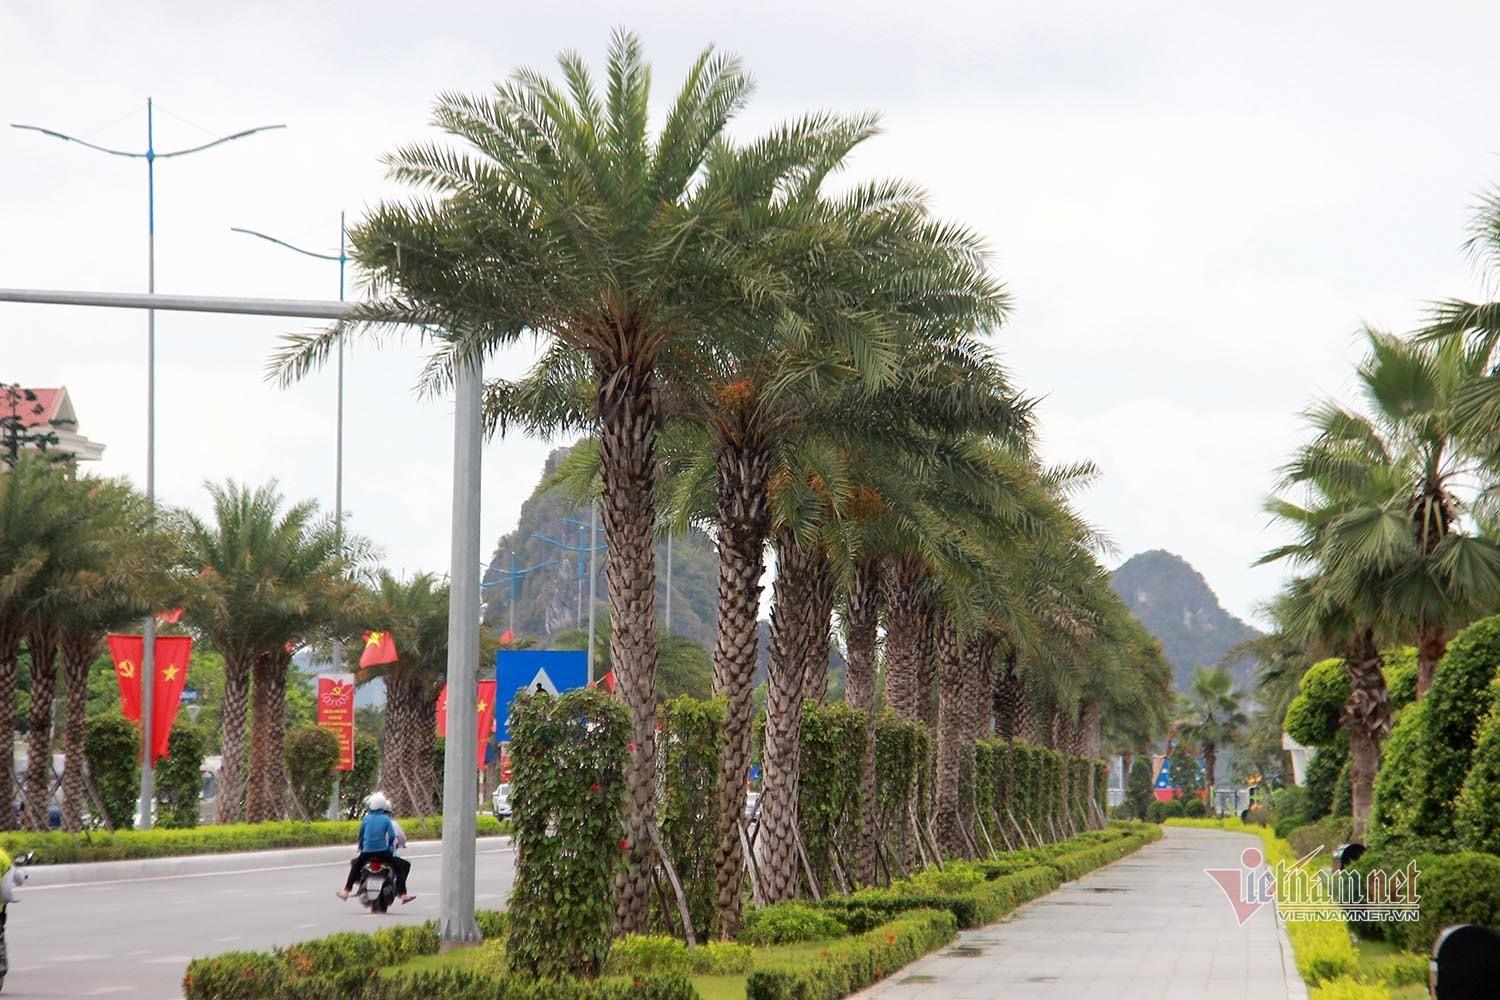 Chà là trĩu quả dọc con đường đẹp nhất Hạ Long, người dân đợi chín để vặt